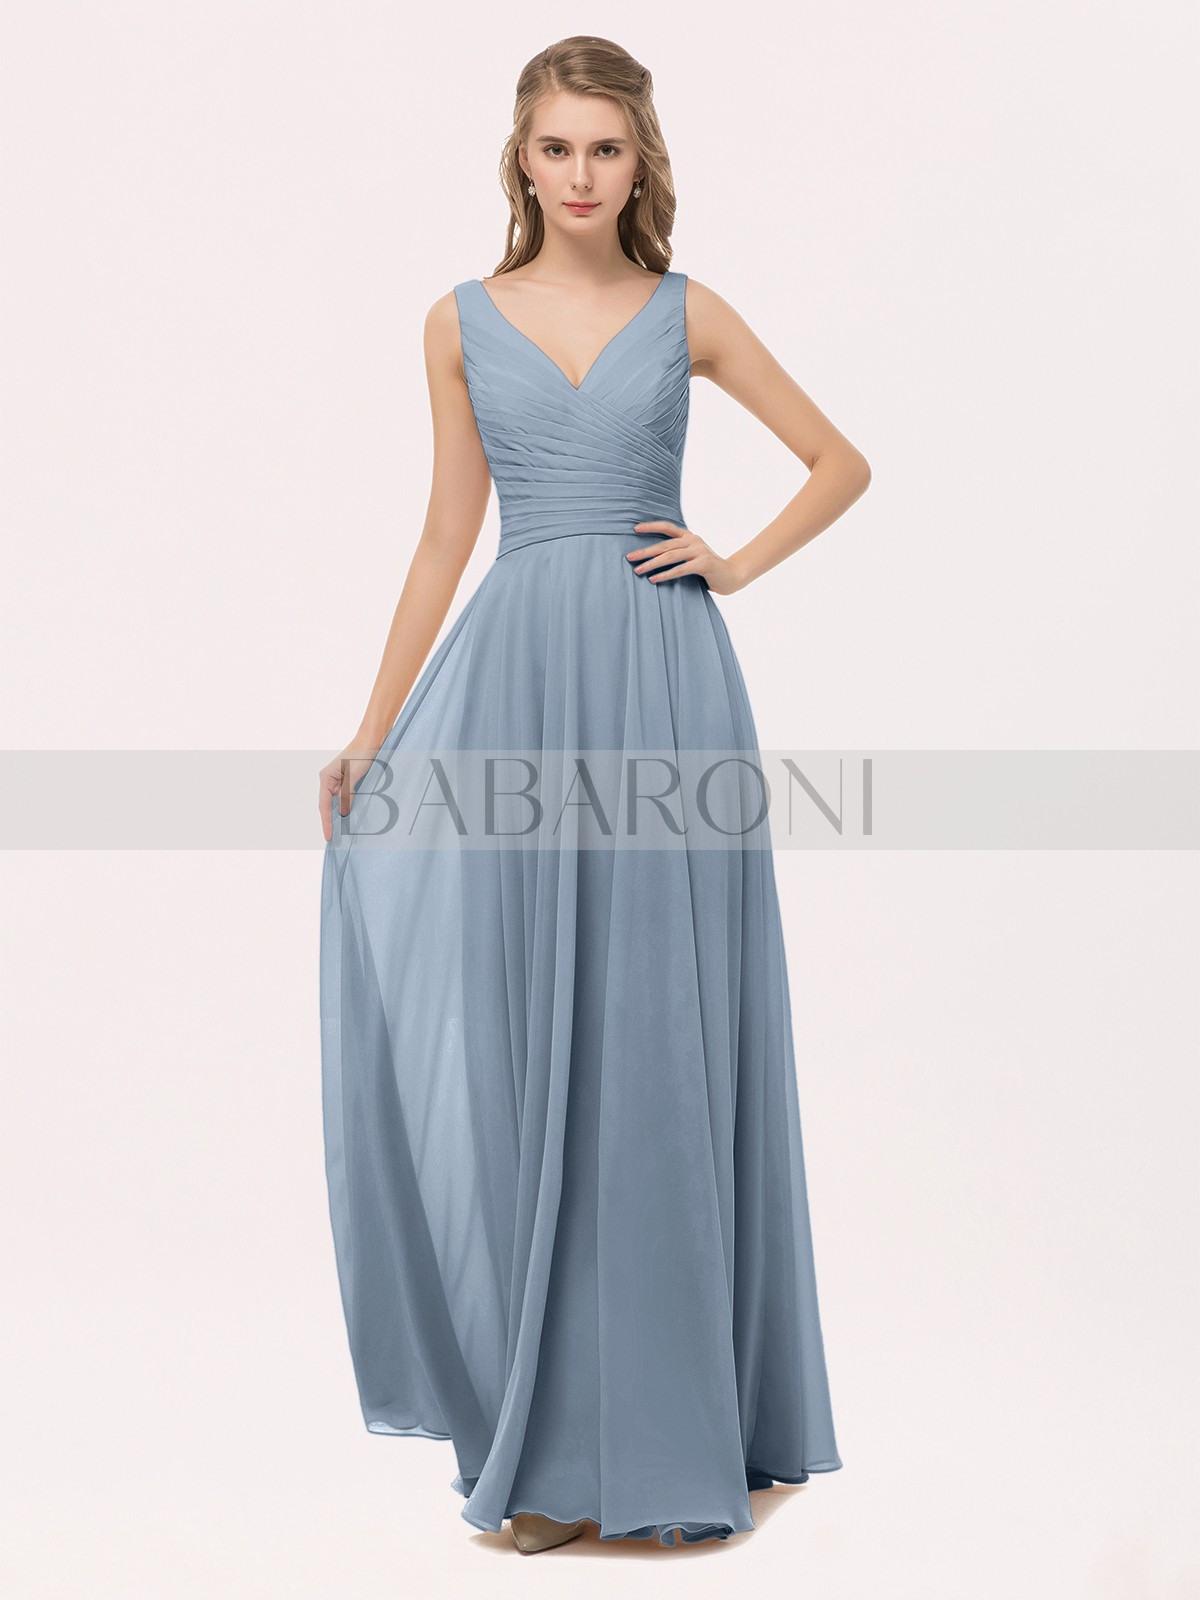 Schön Abendkleid V Ausschnitt Lang DesignFormal Coolste Abendkleid V Ausschnitt Lang Vertrieb